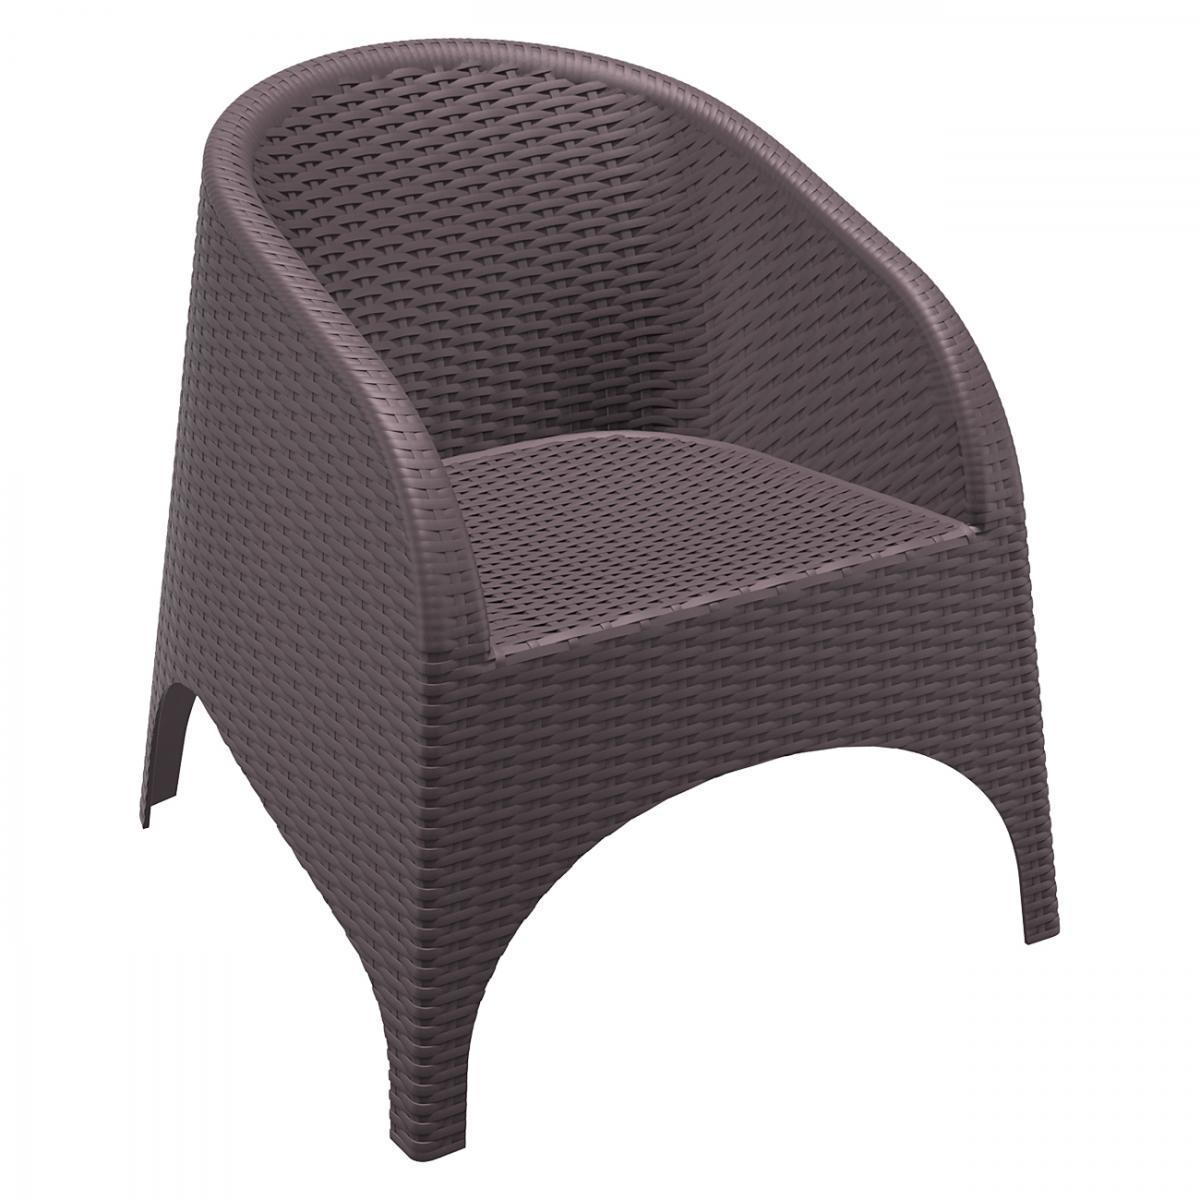 Кресло пластиковое плетеное Aruba